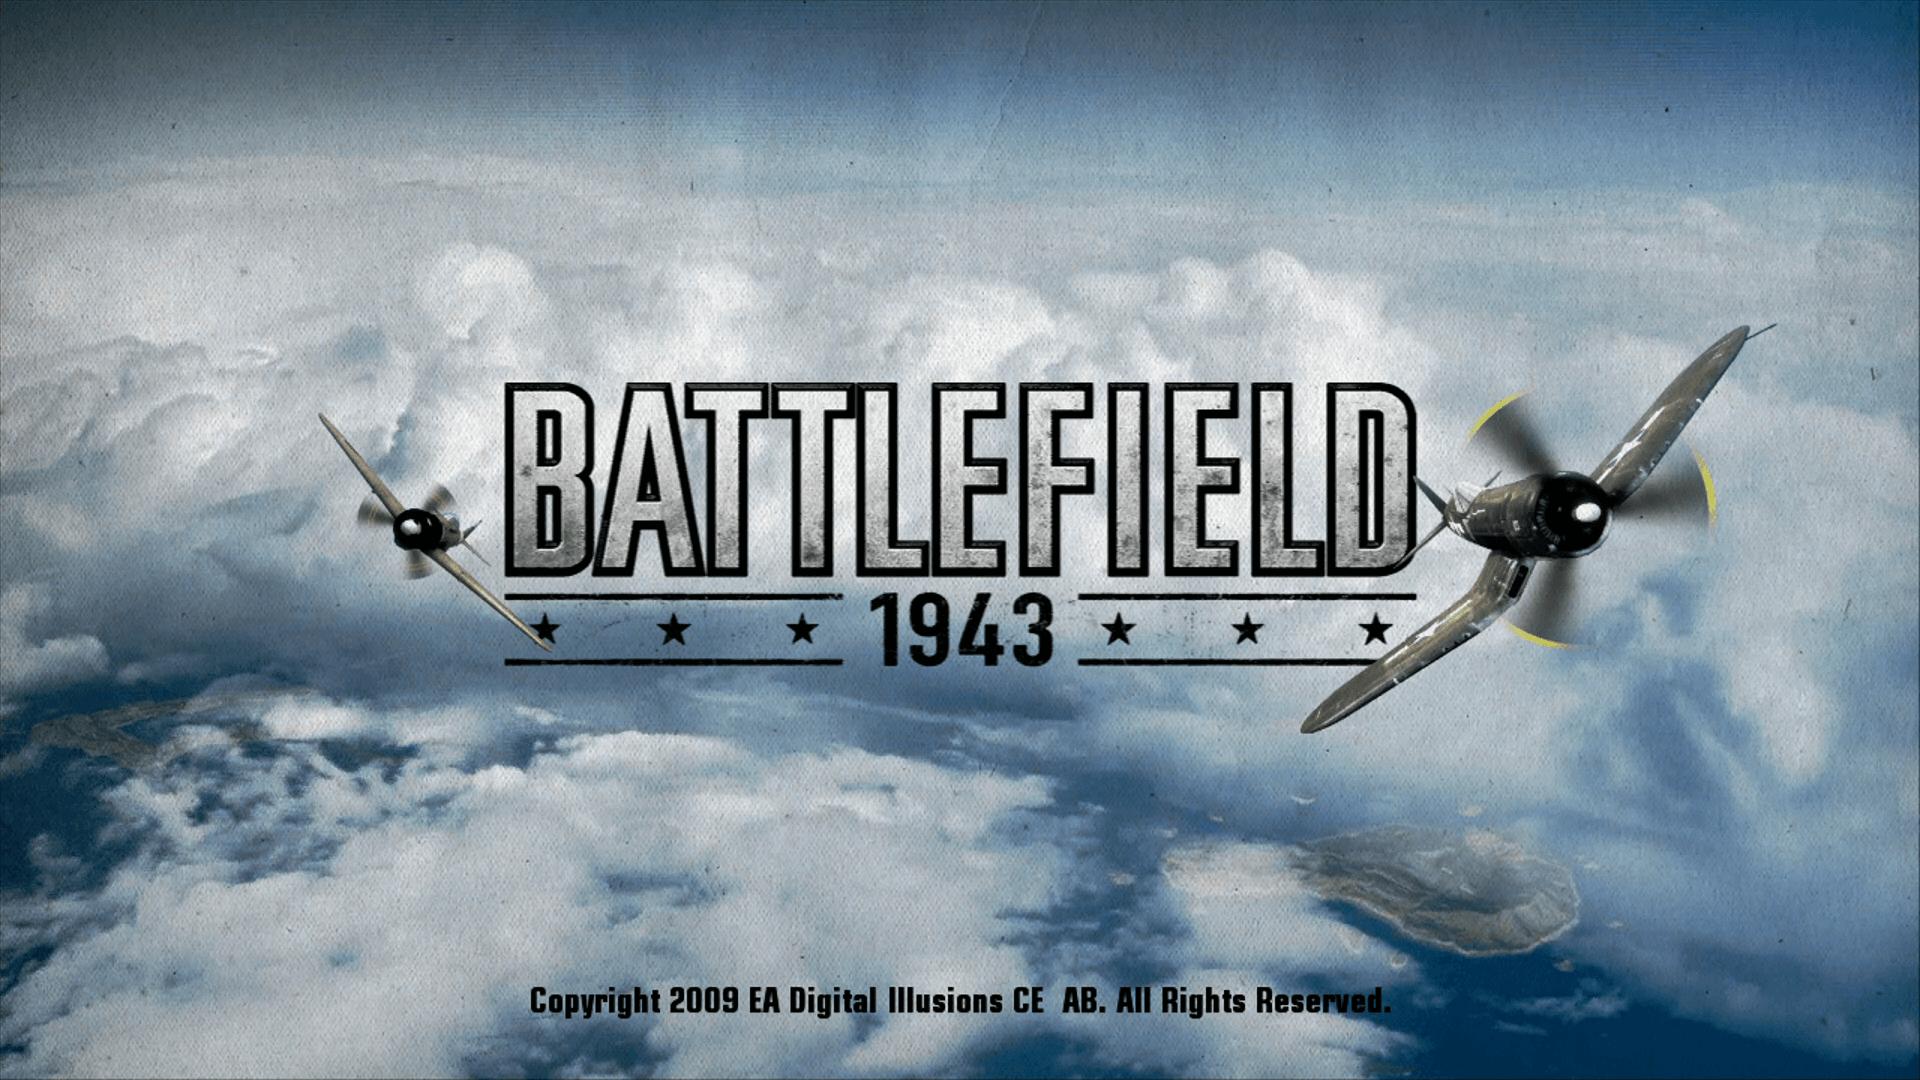 Battlefield 1943: Mais um jogo retrocompatível chegando ao Xbox One